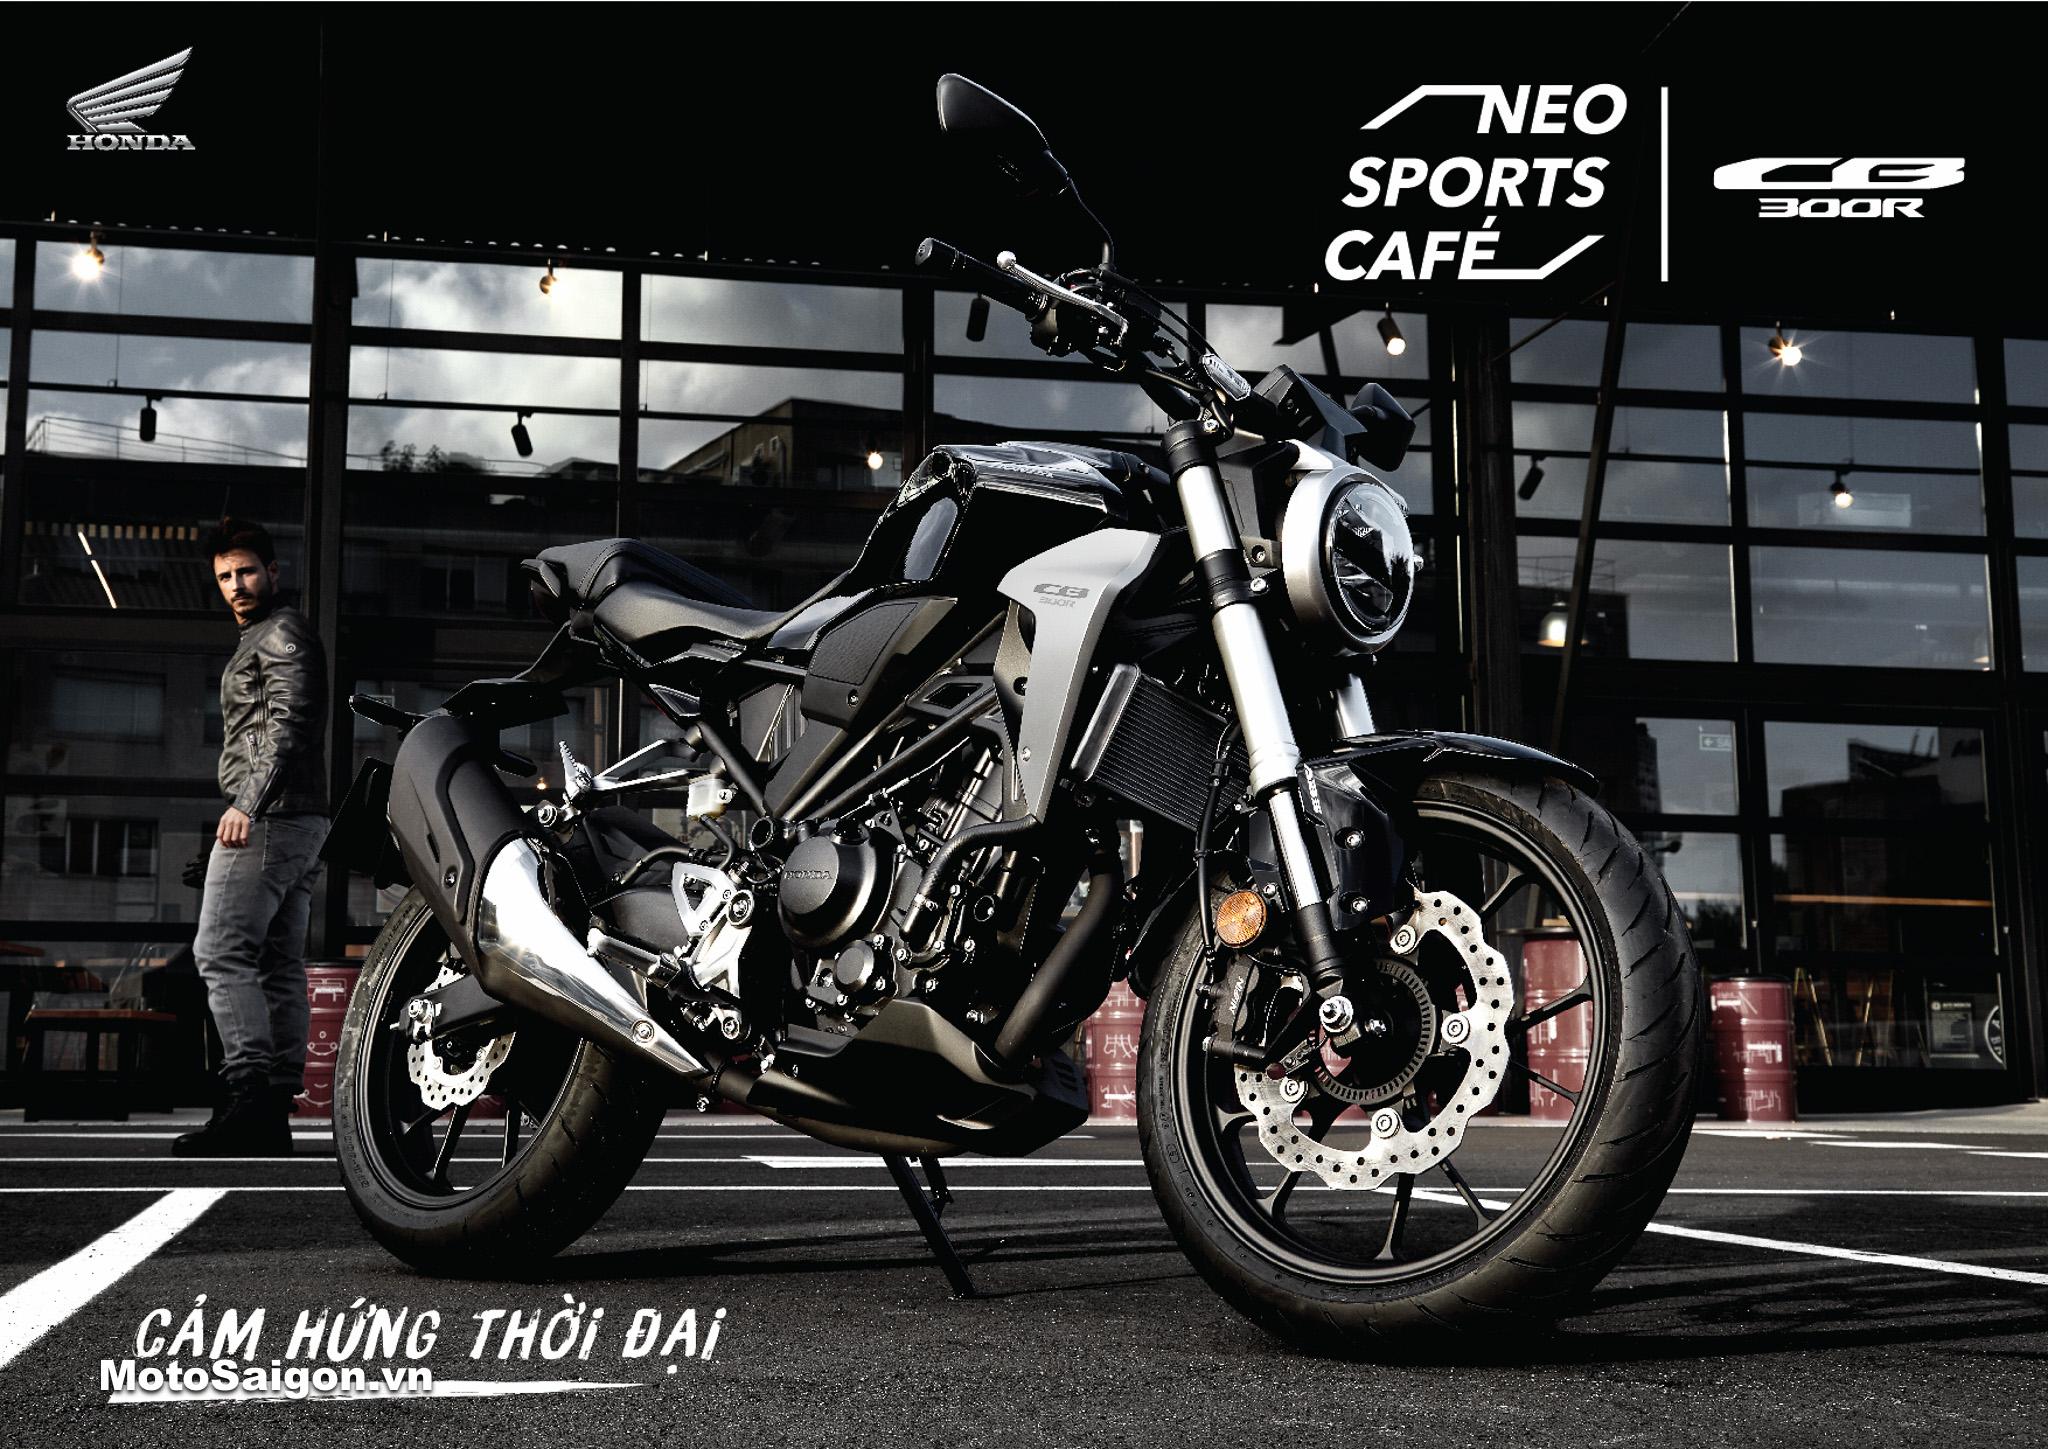 Honda CB300R chính hãng giá bán 140 triệu đồng